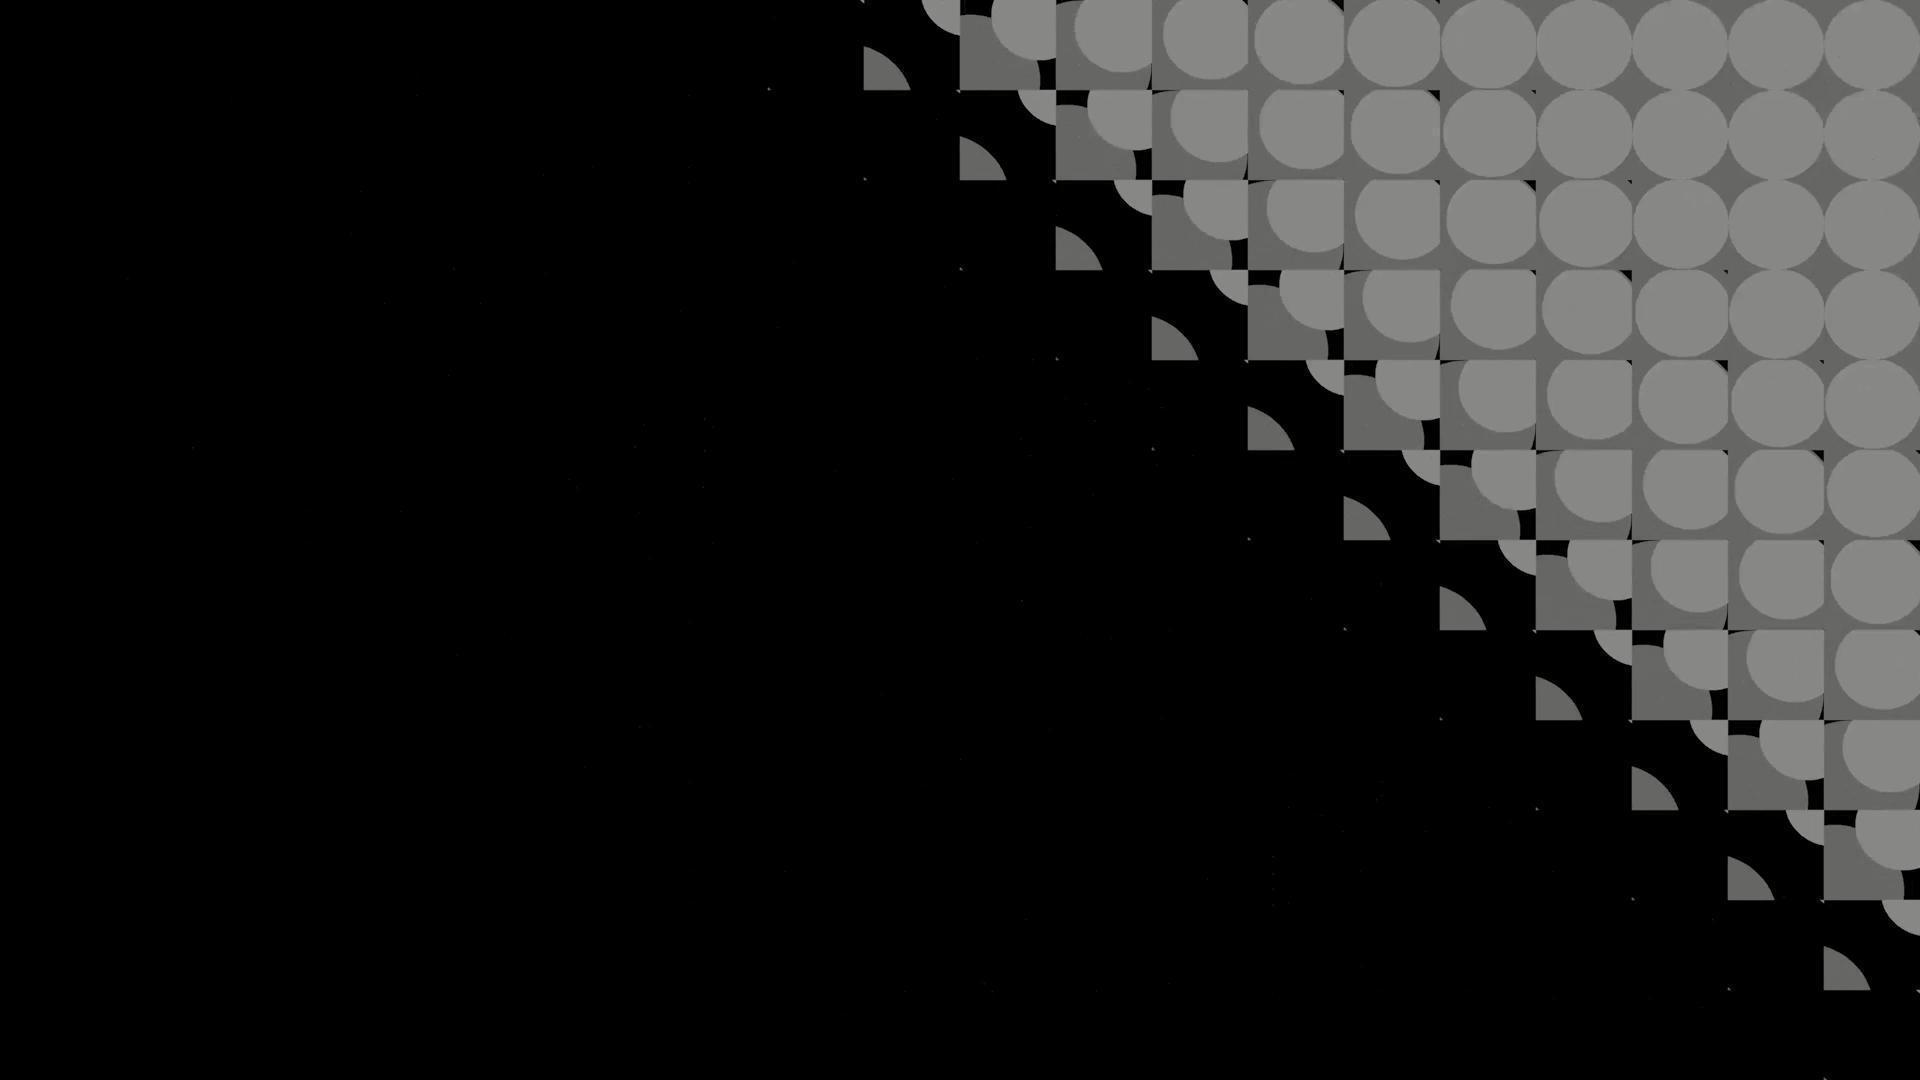 几何圆过渡素材14